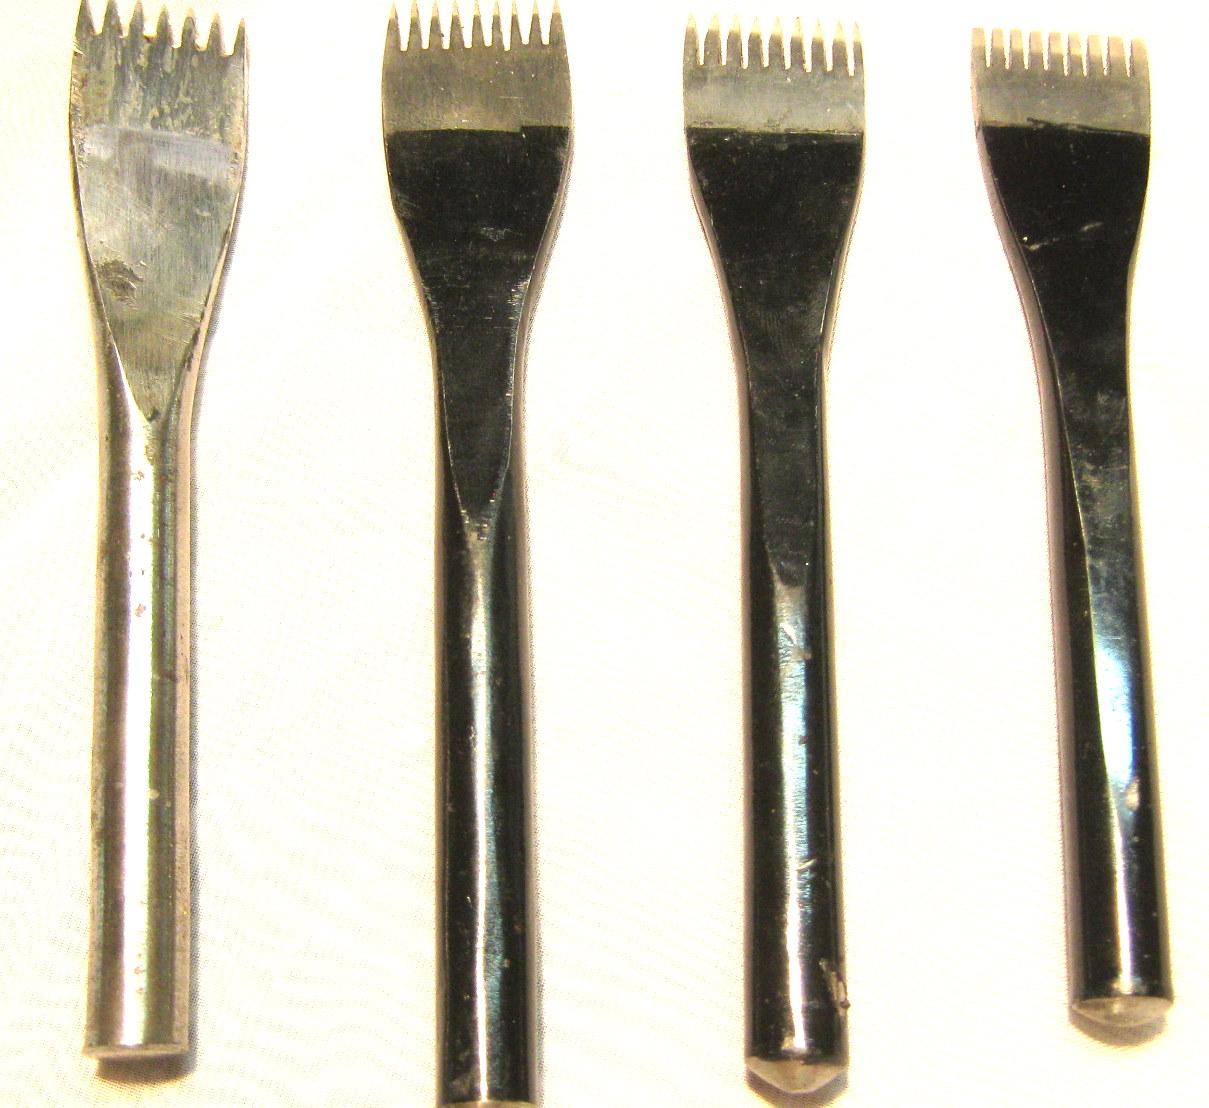 Adesivo De Arvore Para Fotos ~ Ferramentas e materiais para guasqueria, correaria e artesanato em couro Confira abaixo as